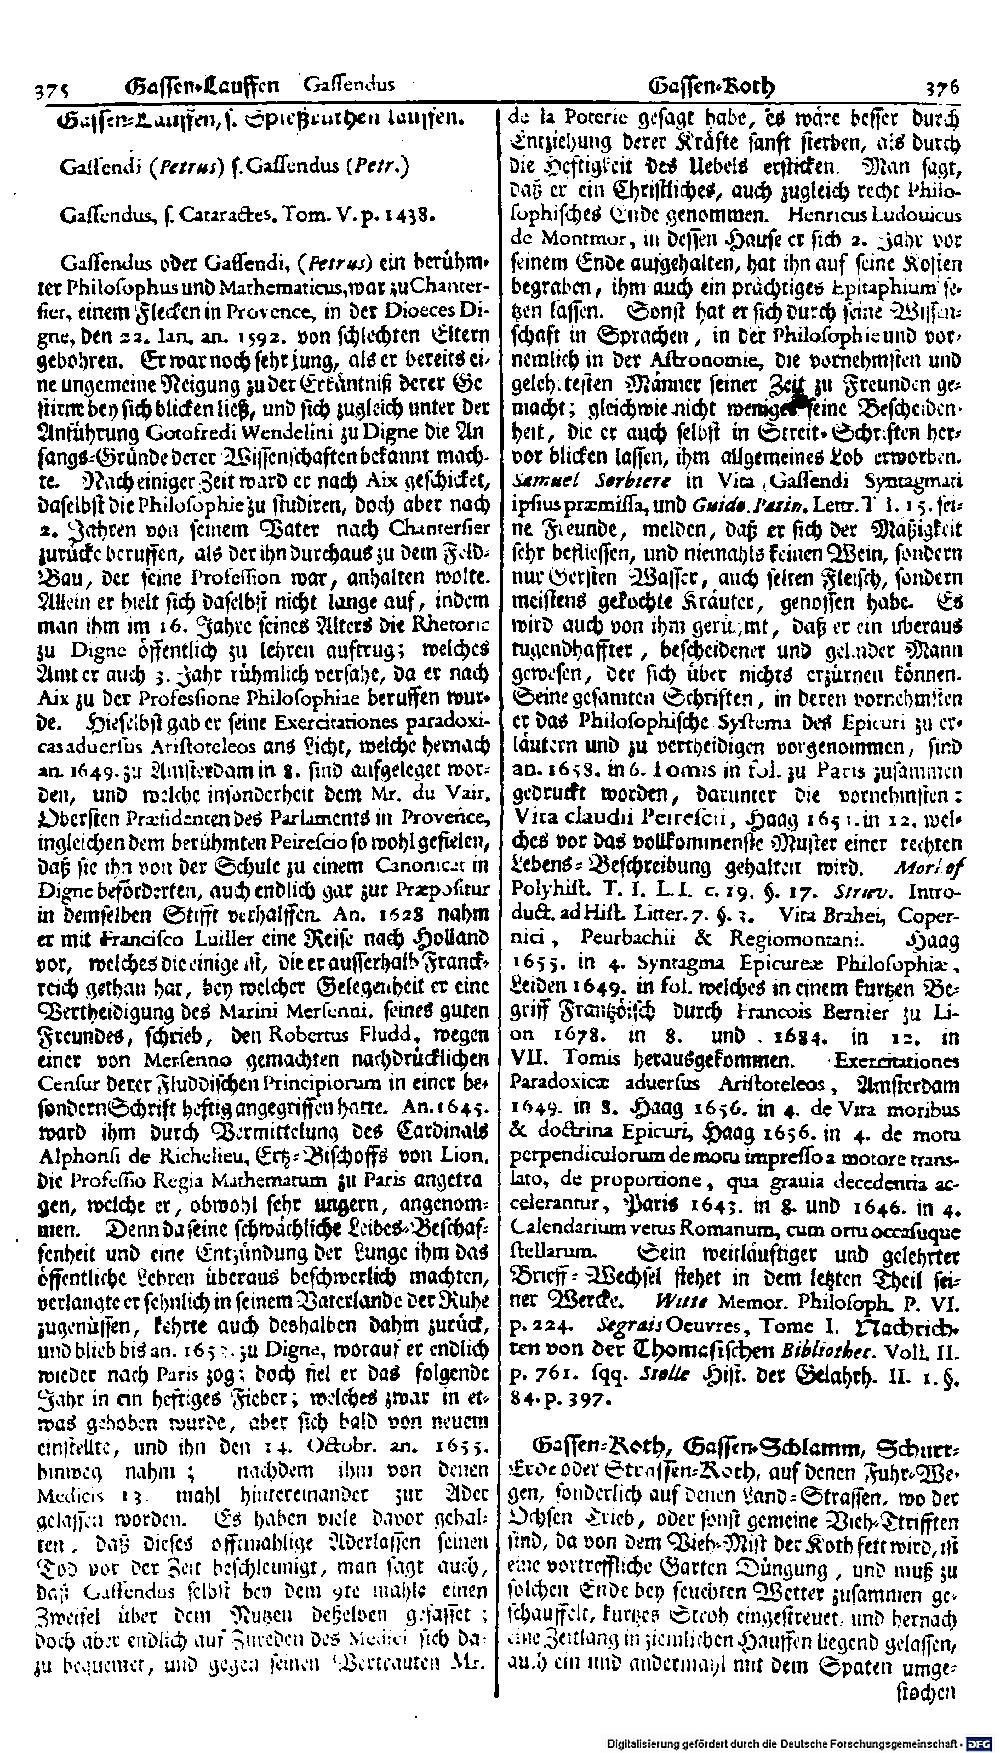 Bd. 10, Seite 0201.